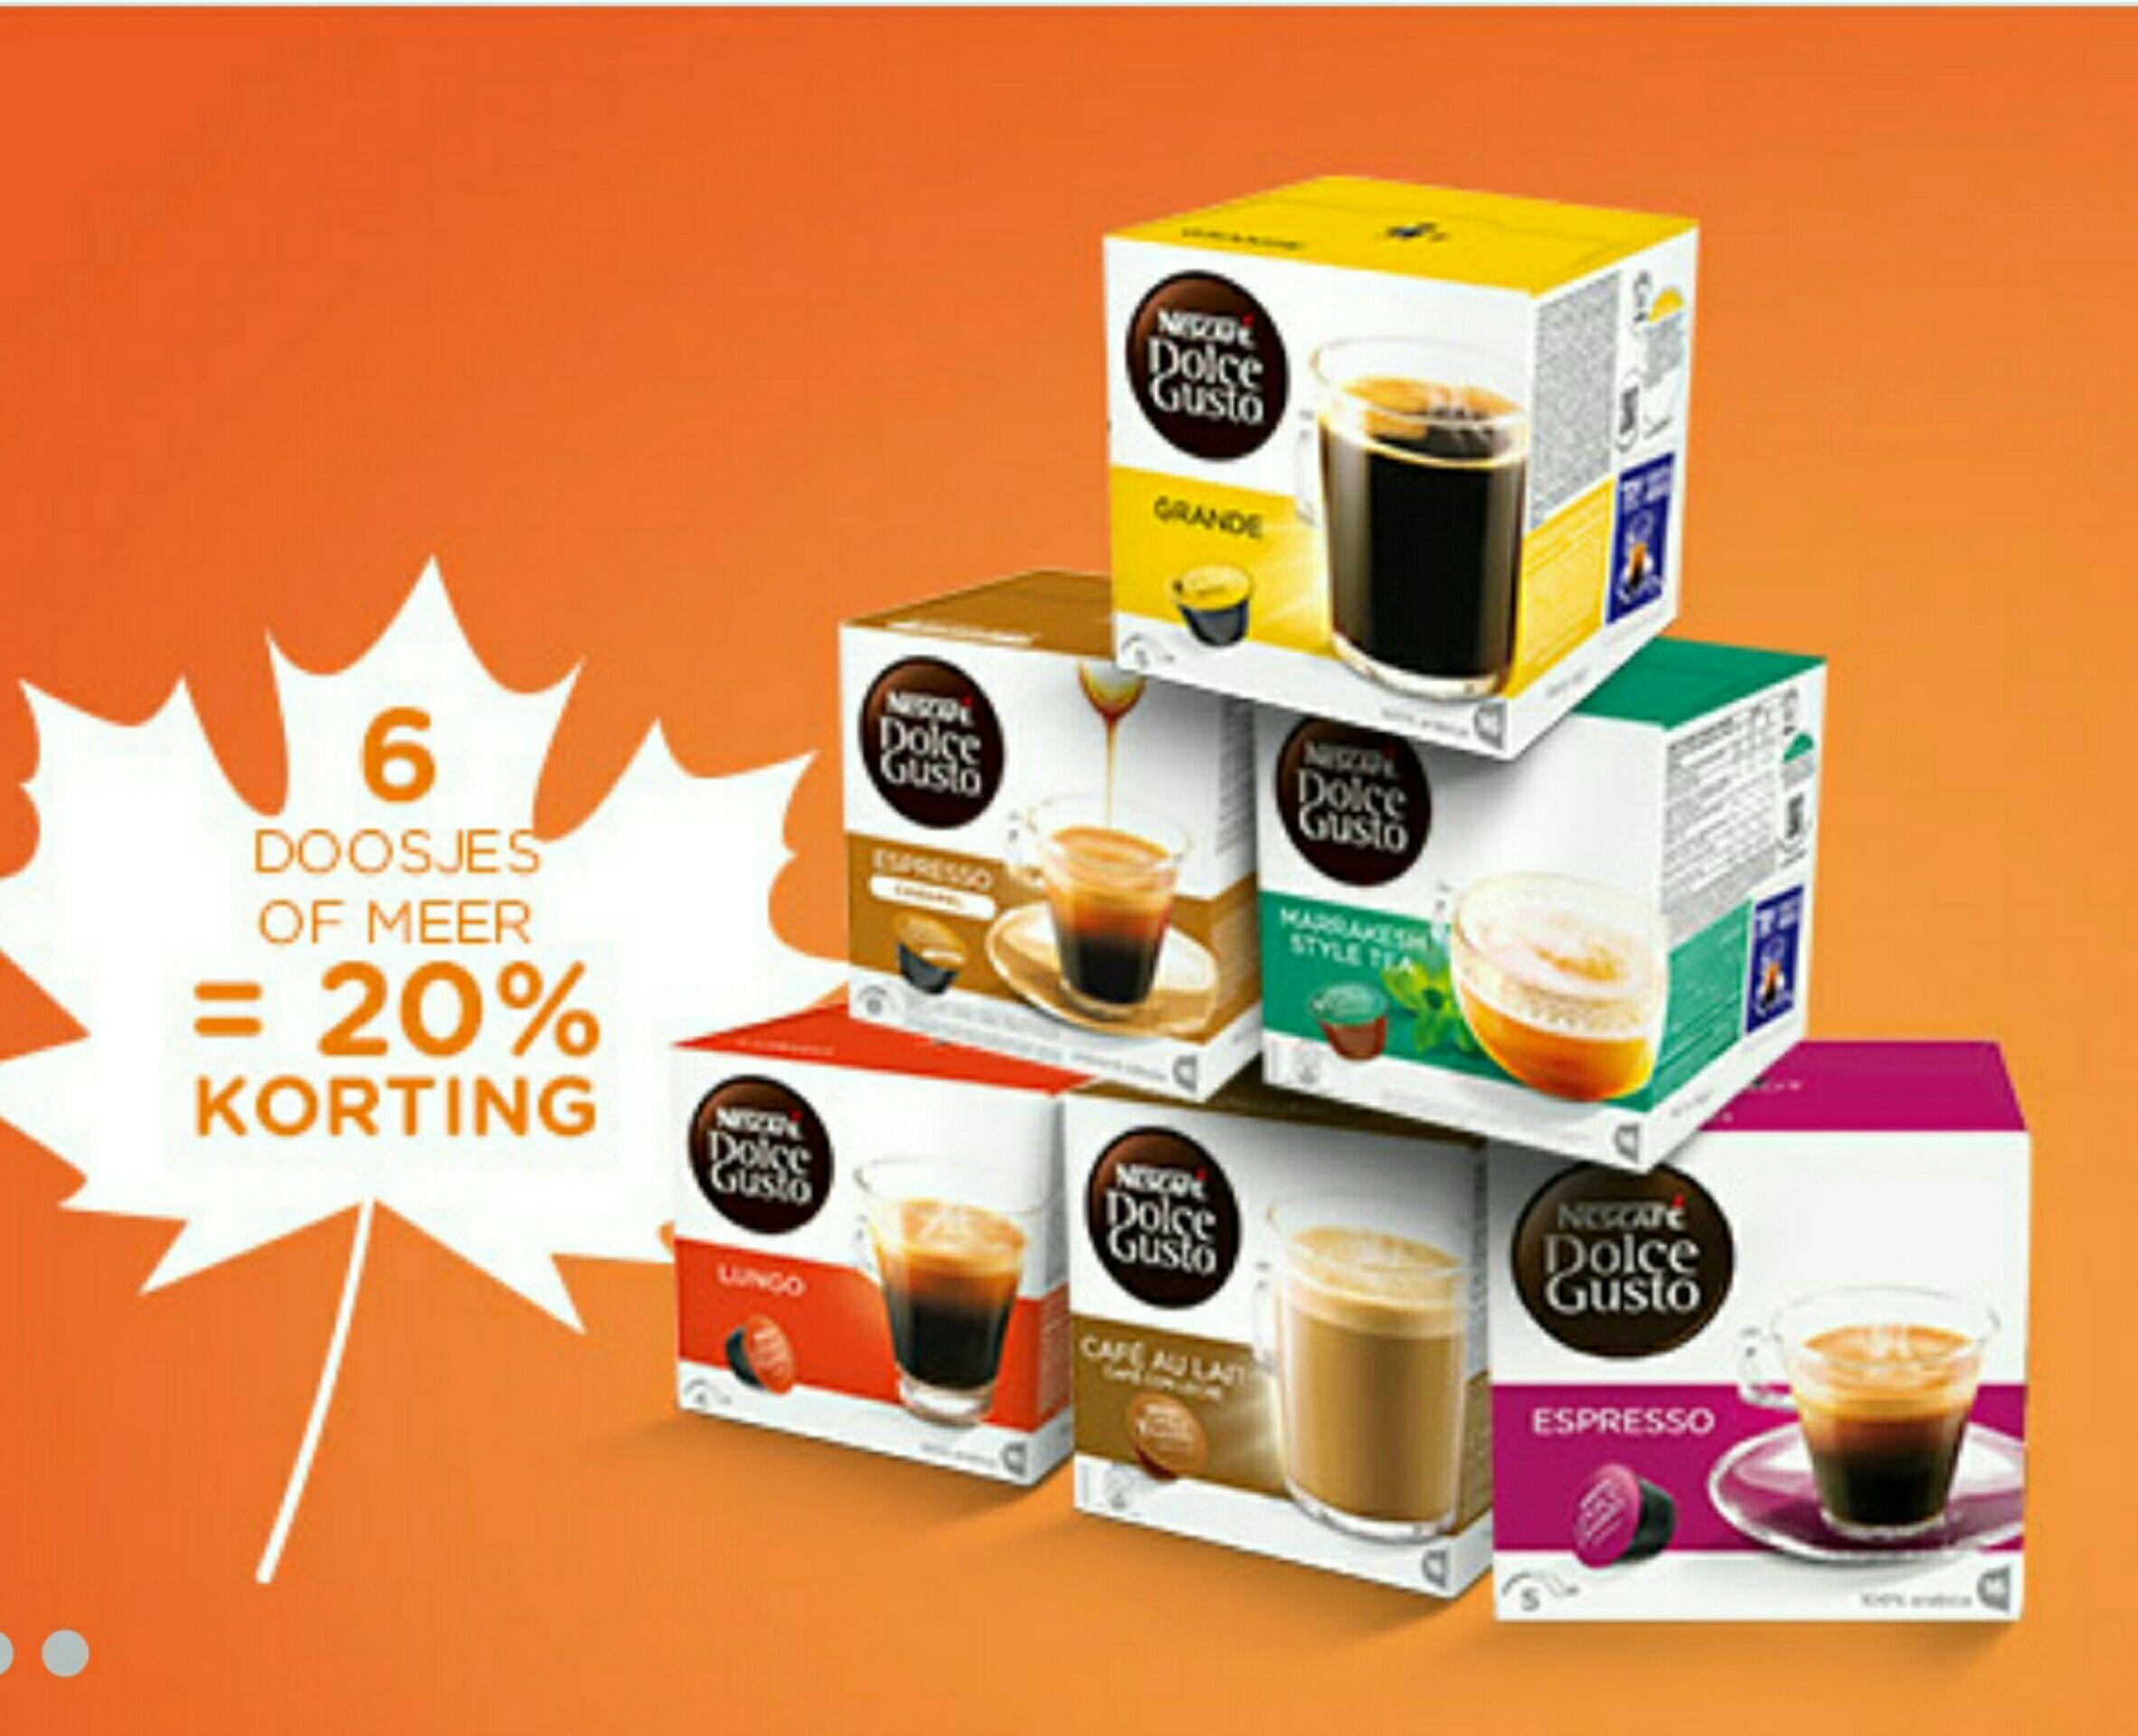 20% korting vanaf 6 doosjes + gratis verzending @ dolcegusto.nl